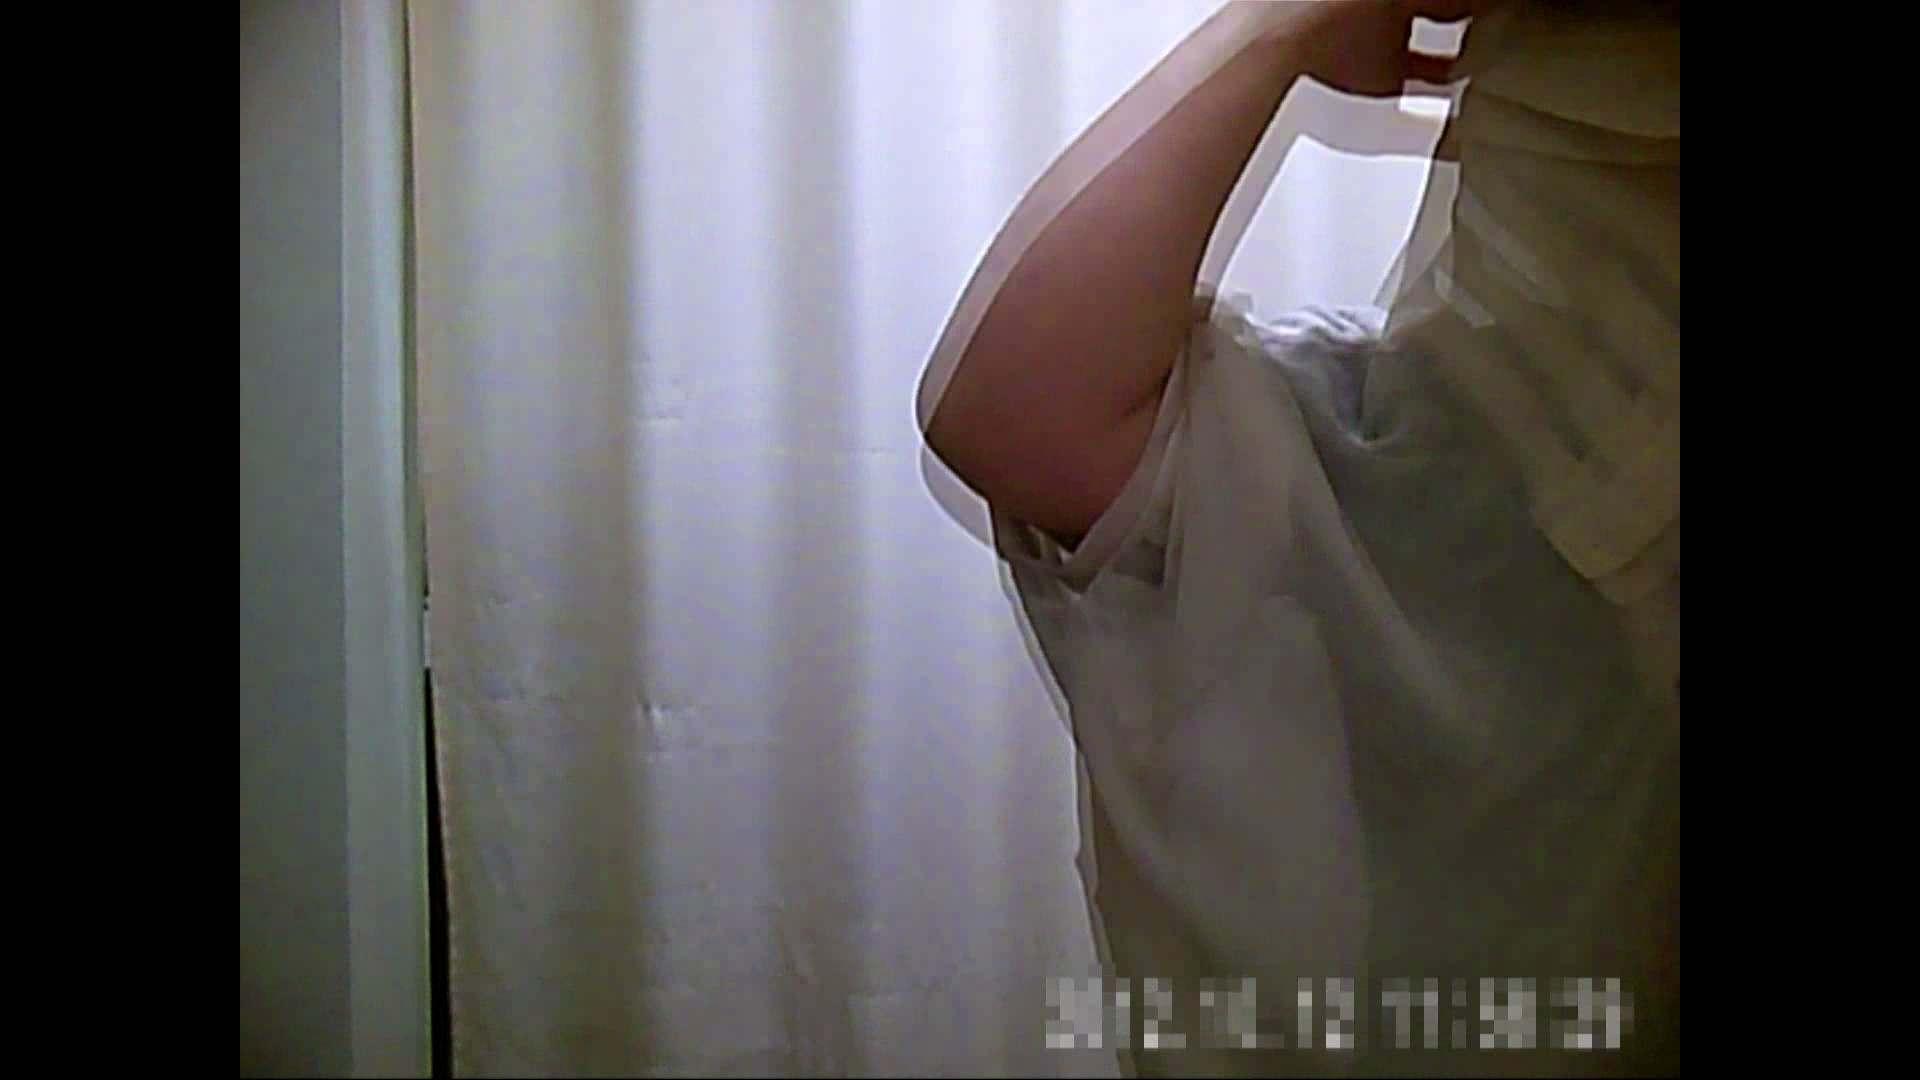 病院おもいっきり着替え! vol.234 おっぱい 隠し撮りオマンコ動画紹介 81PIX 80